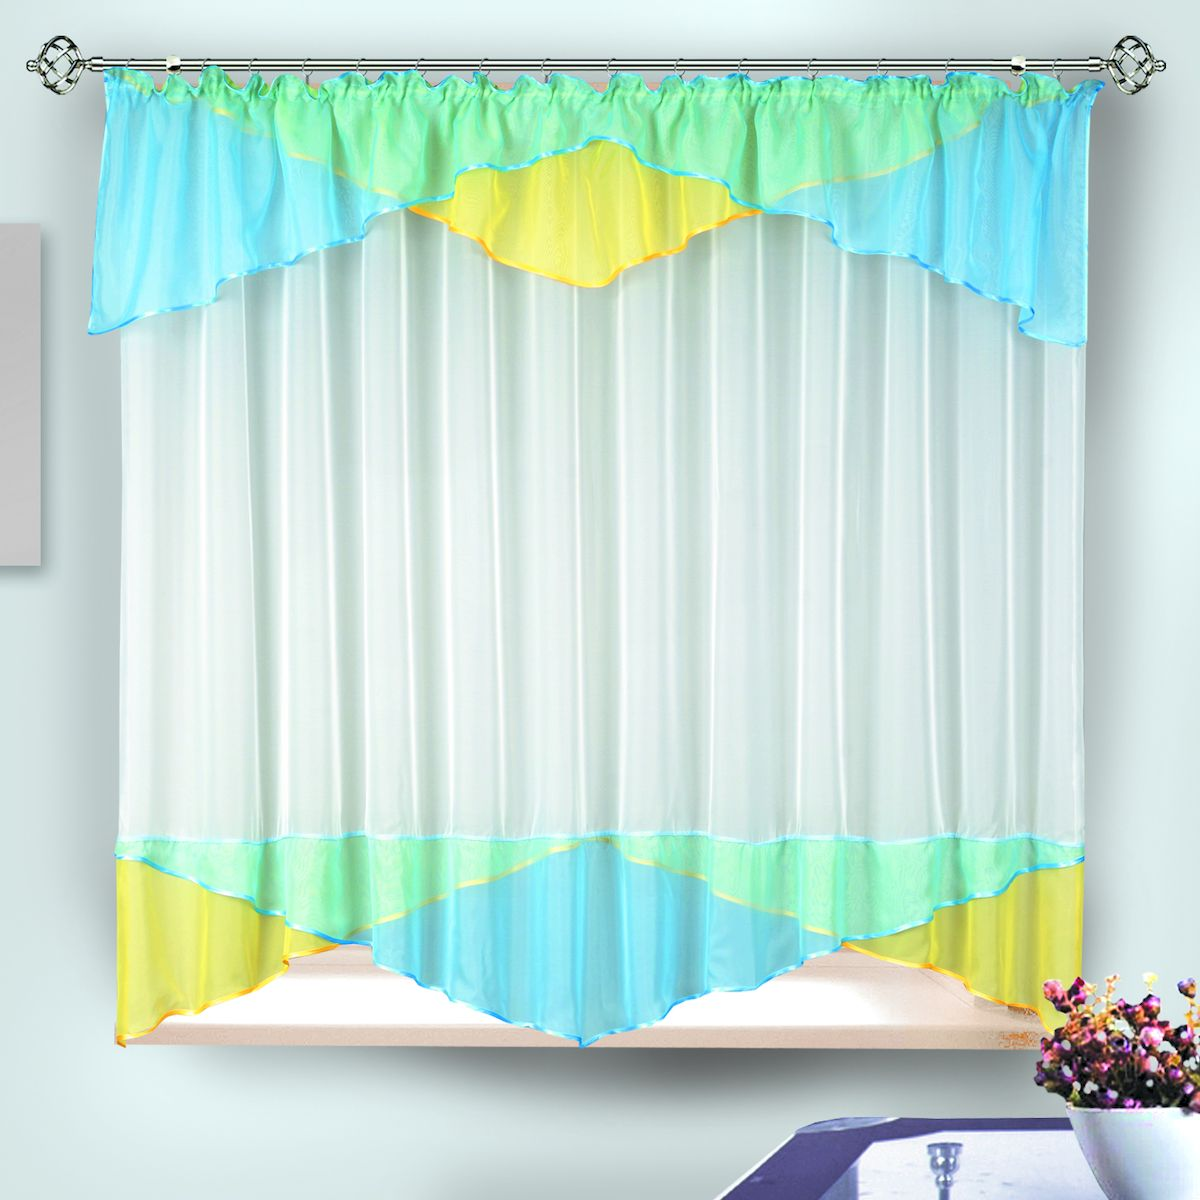 Комплект штор для кухни Zlata Korunka, на ленте, цвет: голубой, желтый, белый, высота 170 см. 3333333333Комплект штор для кухни Zlata Korunka, выполненный из полиэстера, великолепно украсит любое окно. Комплект состоит из тюля и ламбрекена. Оригинальный крой и приятная цветовая гамма привлекут к себе внимание и органично впишутся в интерьер помещения. Этот комплект будет долгое время радовать вас и вашу семью!Комплект крепится на карниз при помощи ленты, которая поможет красиво и равномерно задрапировать верх.В комплект входит: Ламбрекен: 1 шт. Размер (Ш х В): 290 х 35 см. Тюль: 1 шт. Размер (Ш х В): 280 х 170 см.